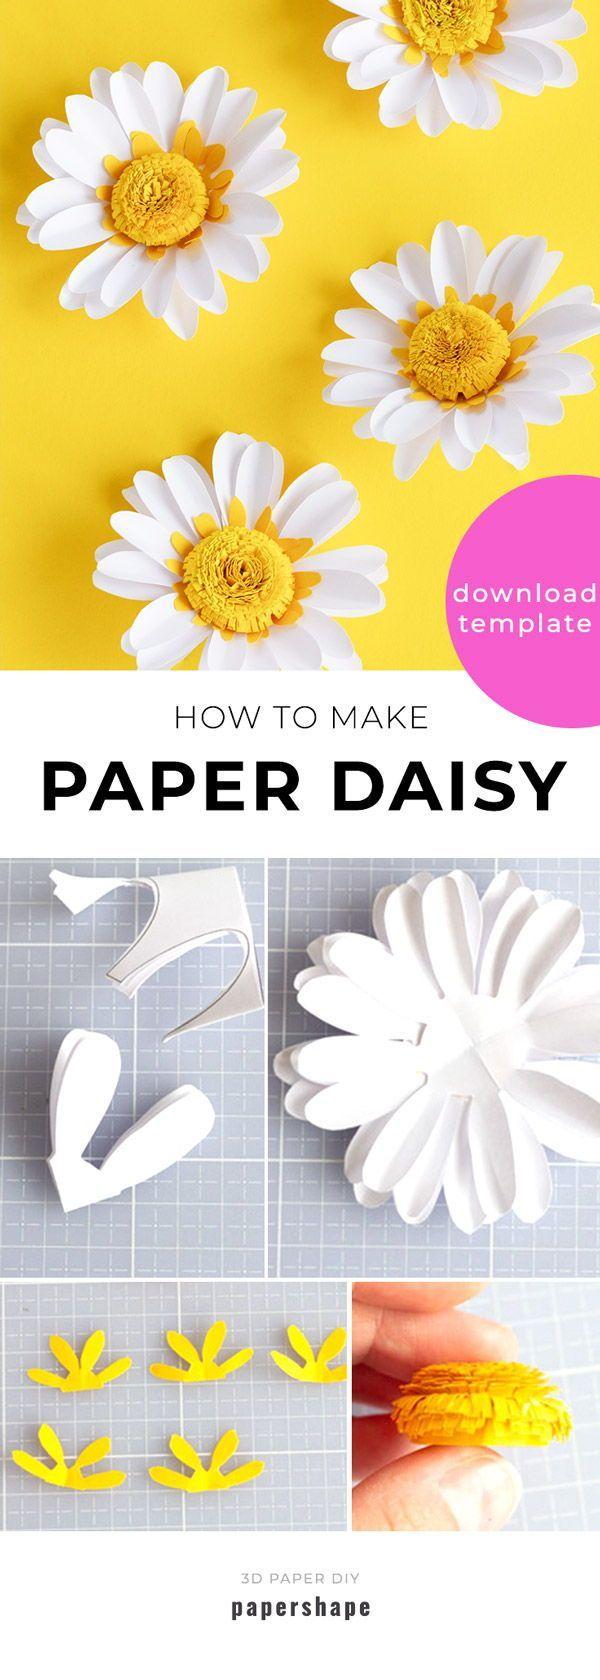 Gänseblümchen basteln: 3 frühlingshafte DIY-Ideen